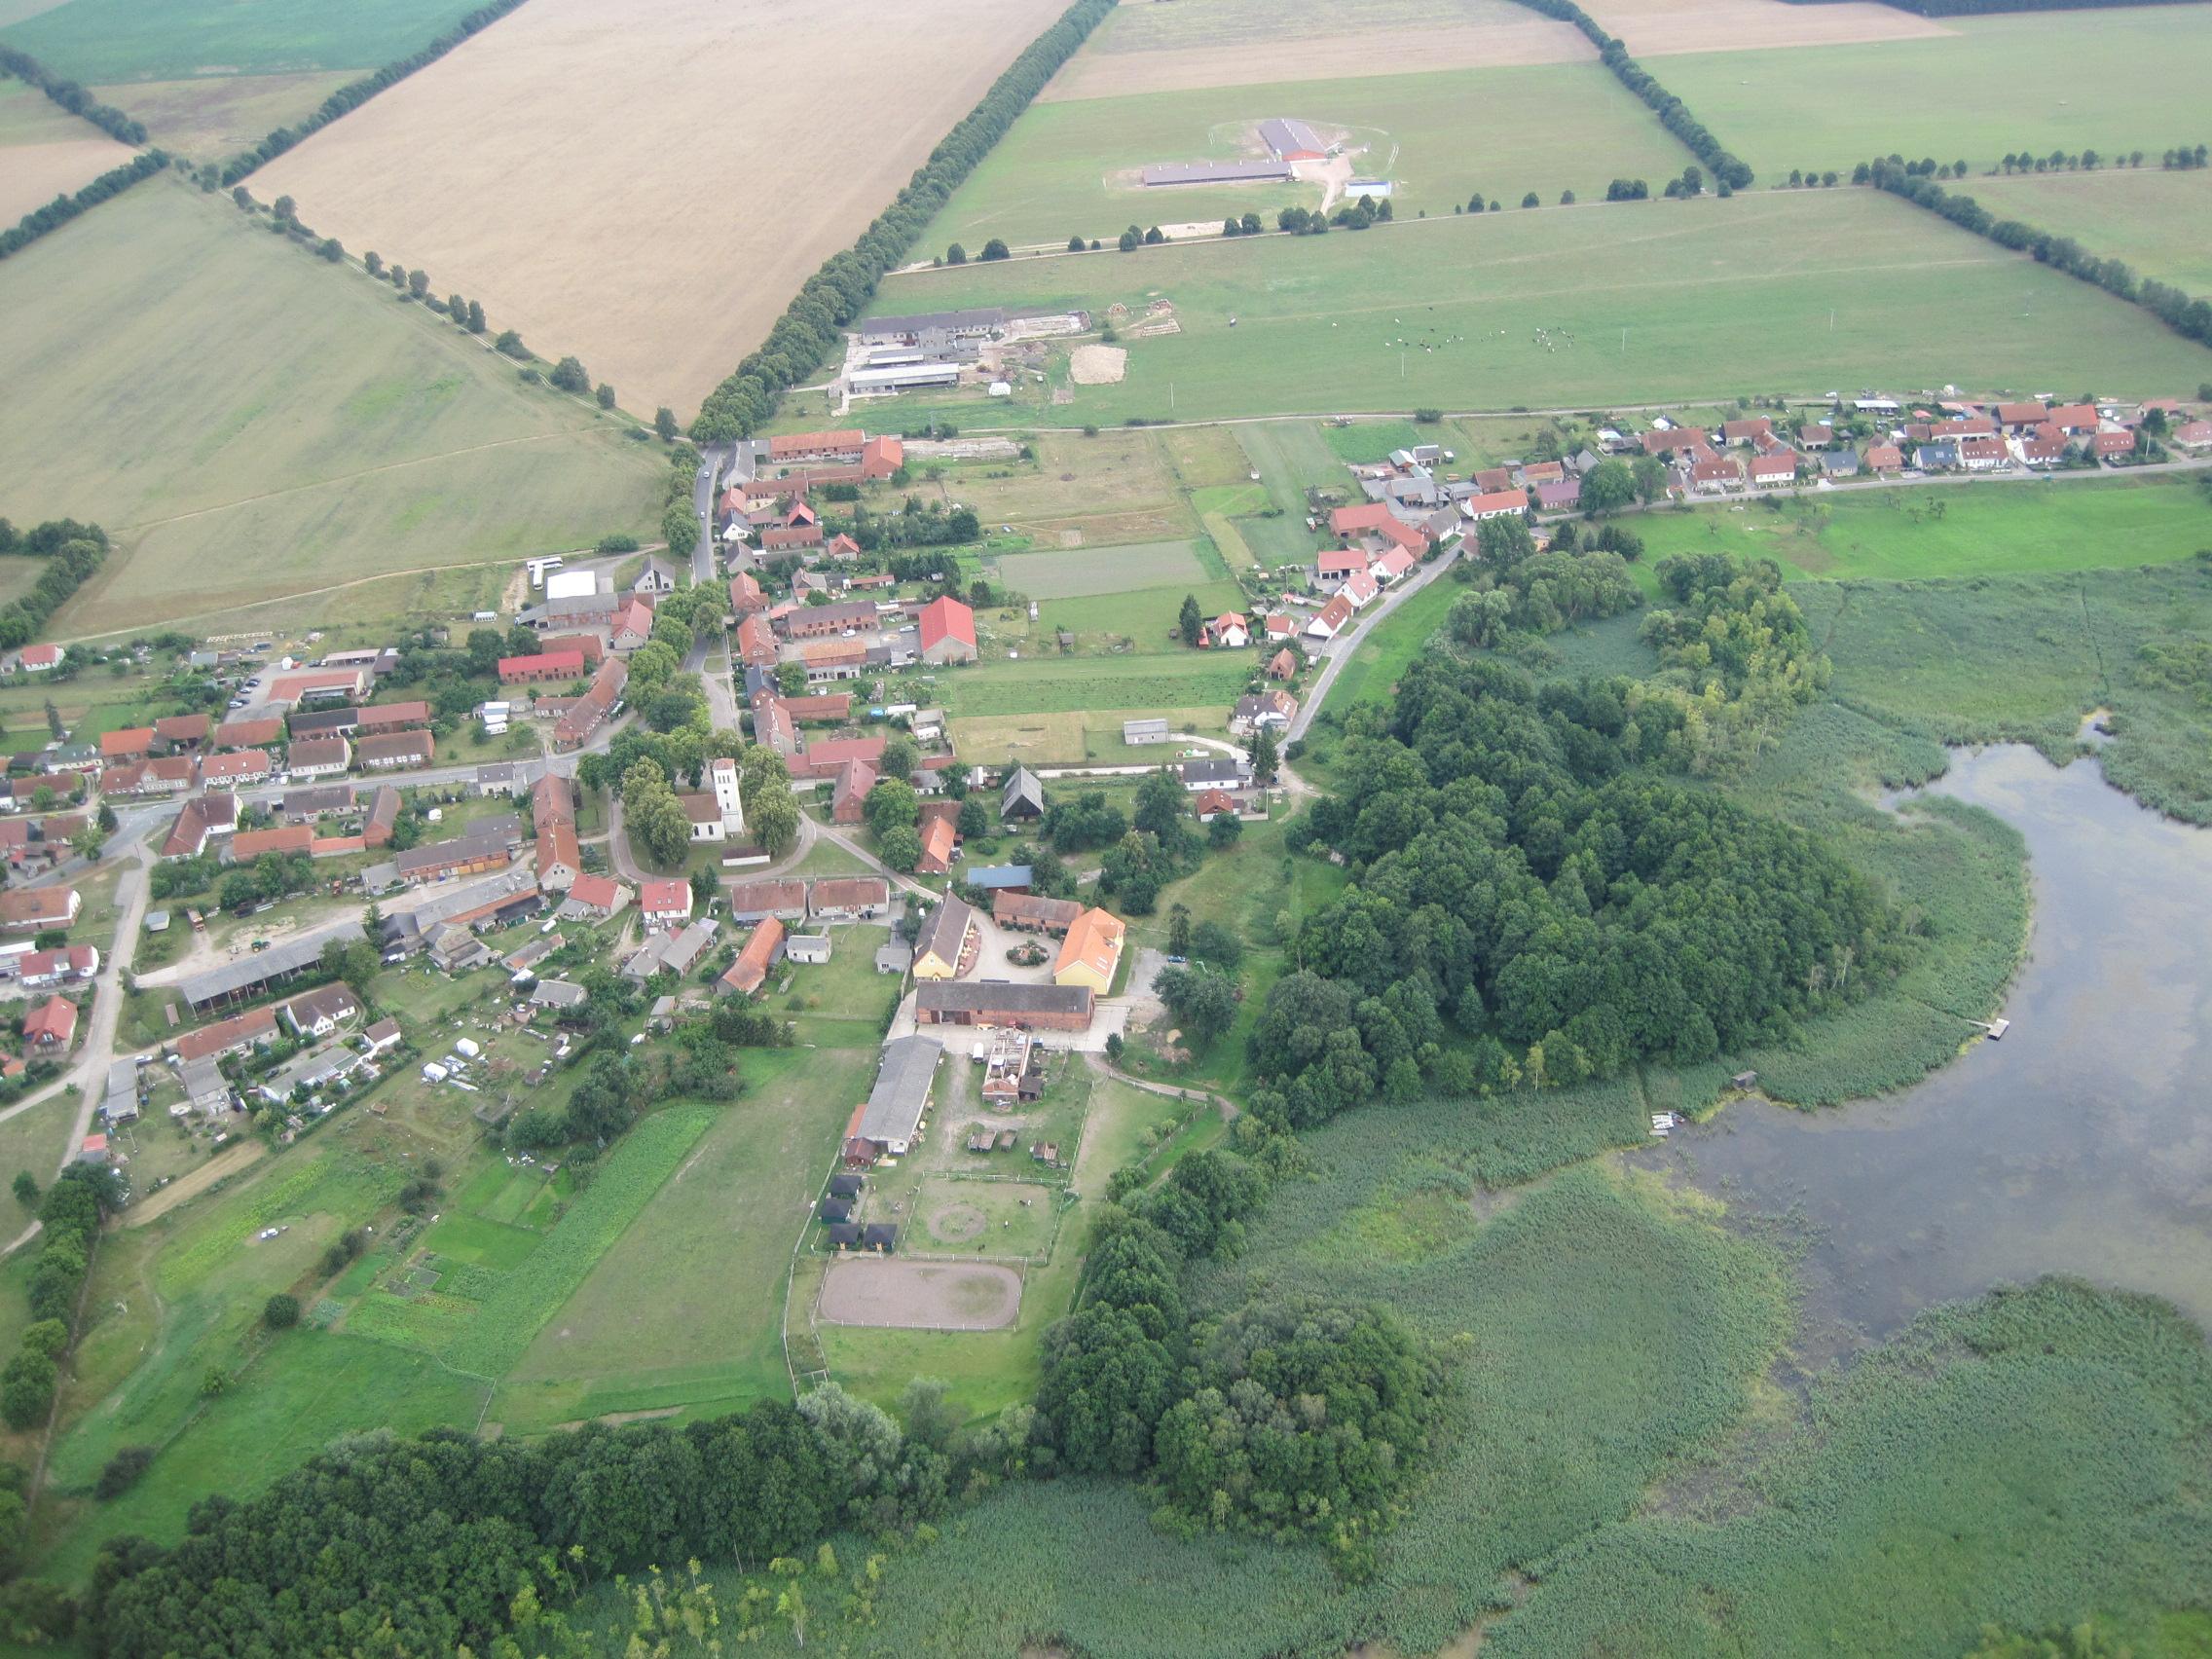 Luftbildaufnahme vom Reiter - & Erlebnisbauernhof Berlinchen